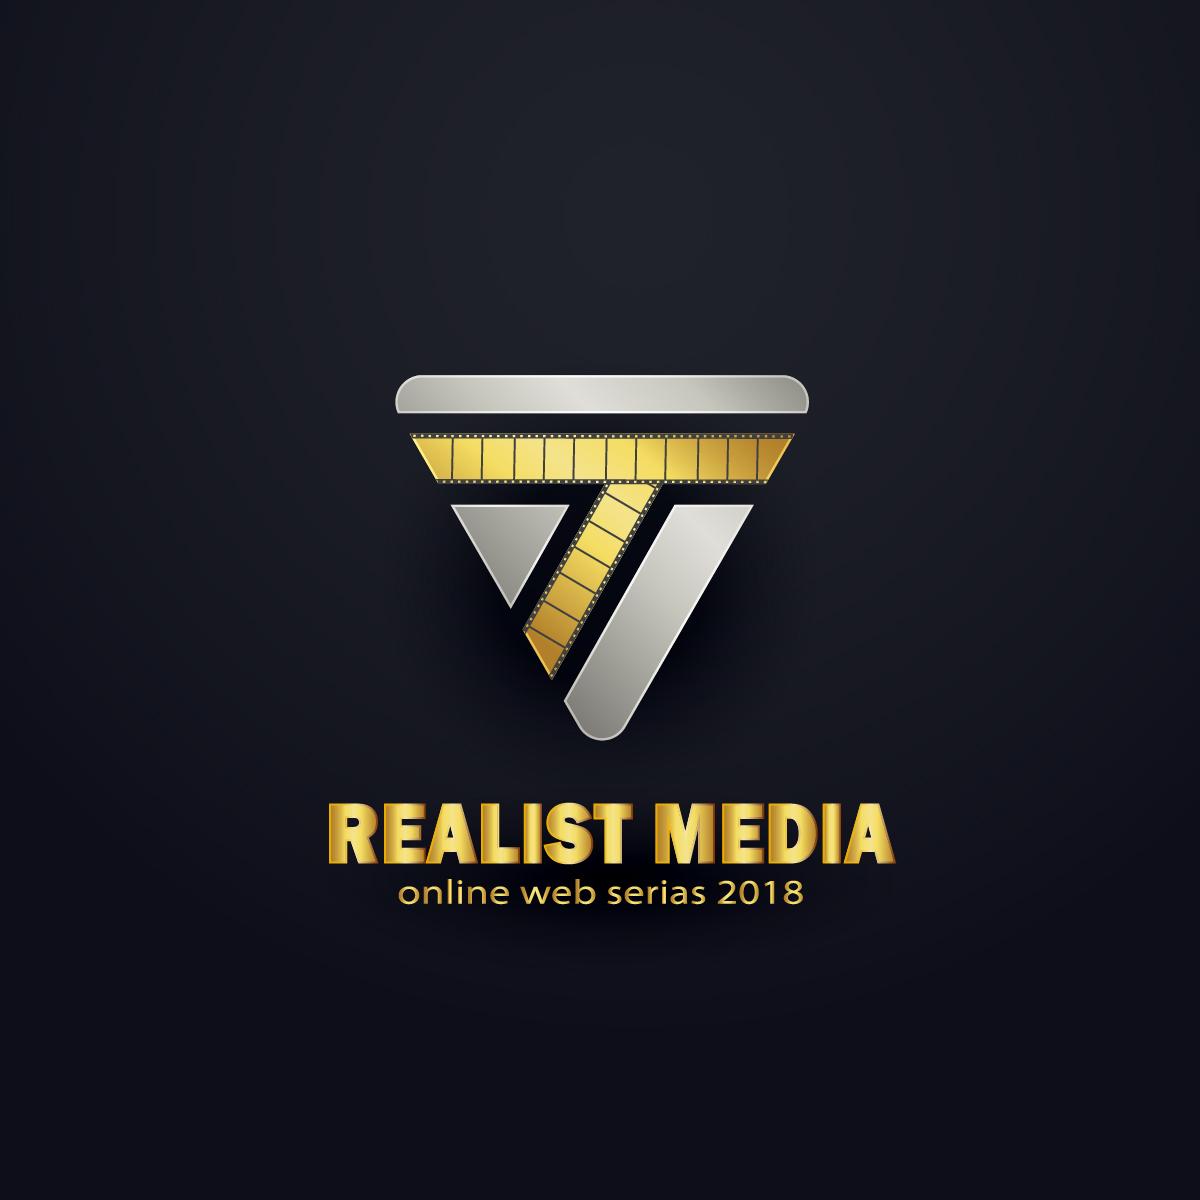 Разработка дизайна логотипа продакшена фото f_0075a8aef0fc5435.jpg